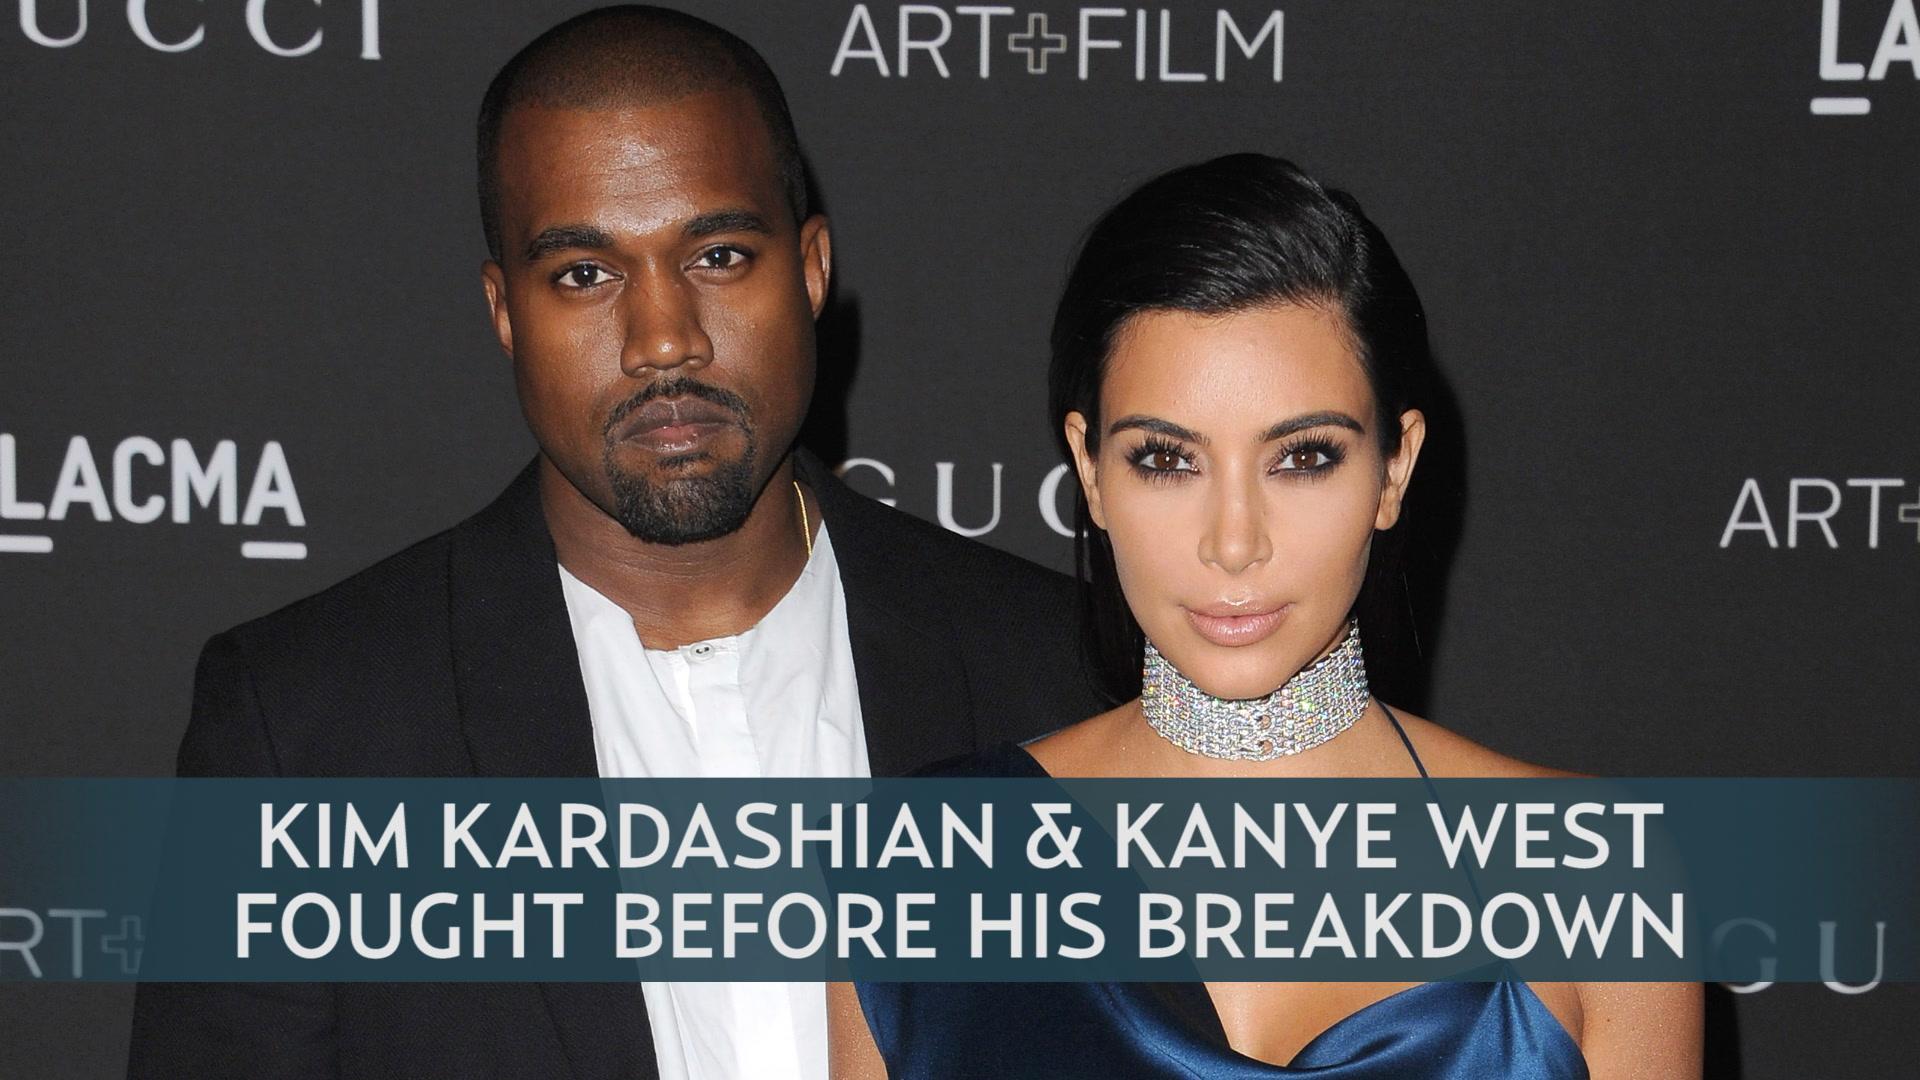 Kim Kardashian Kanye West Before Hookup